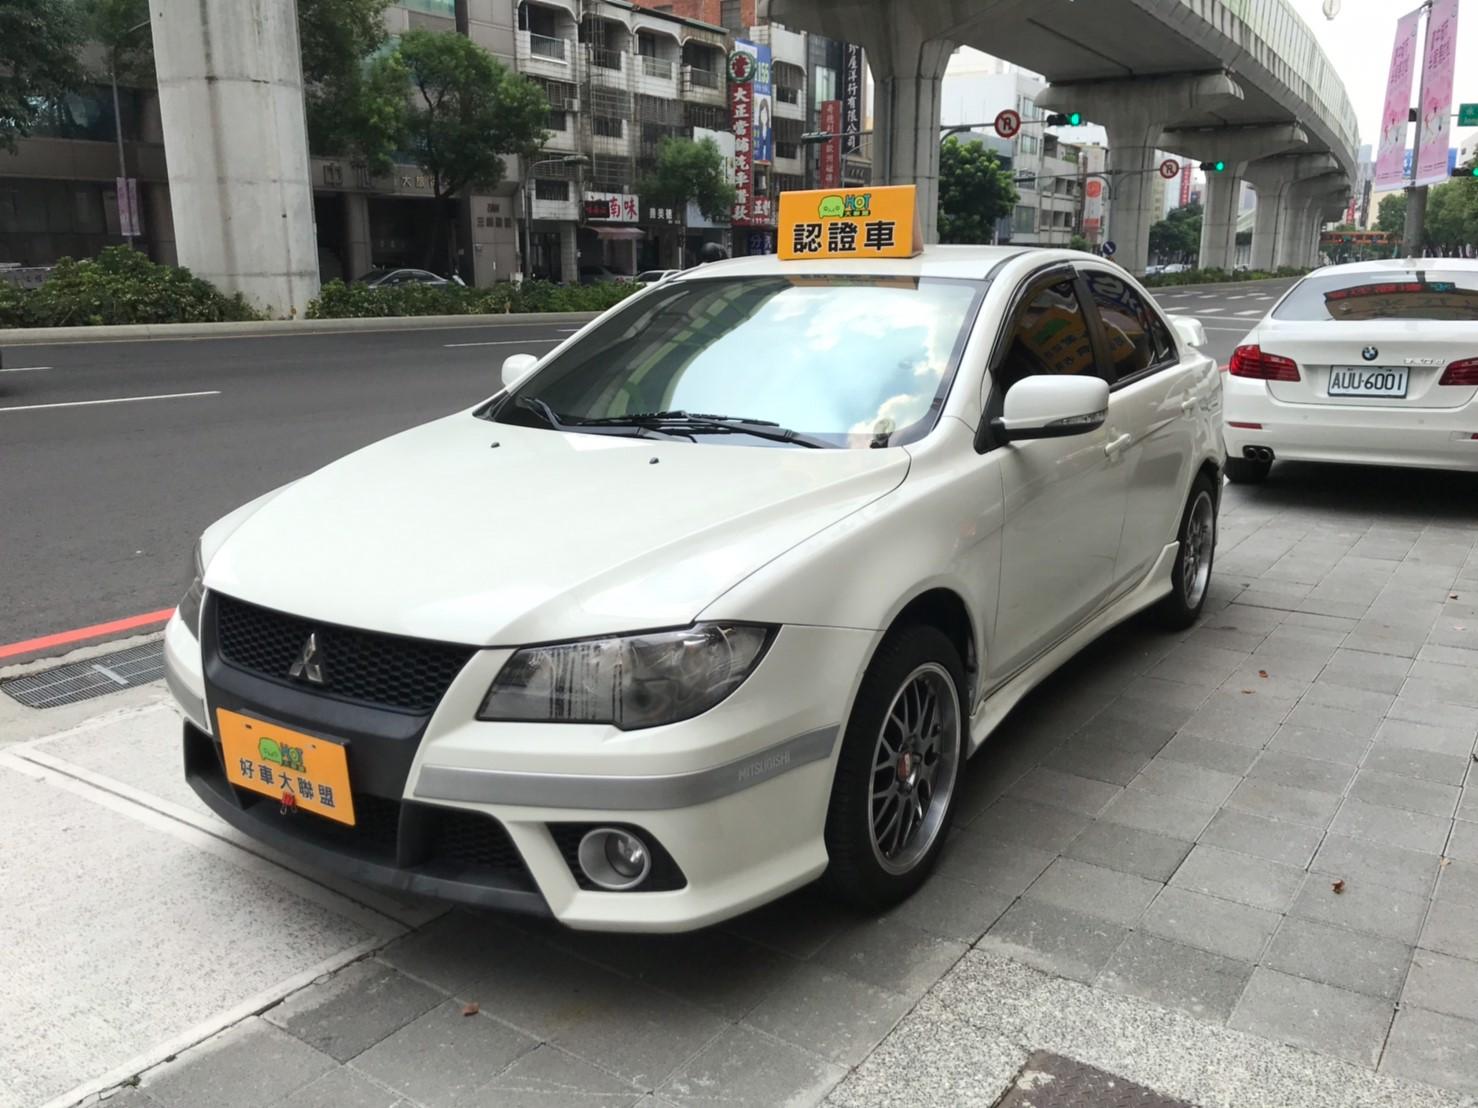 2009 Mitsubishi 三菱 Lancer fortis